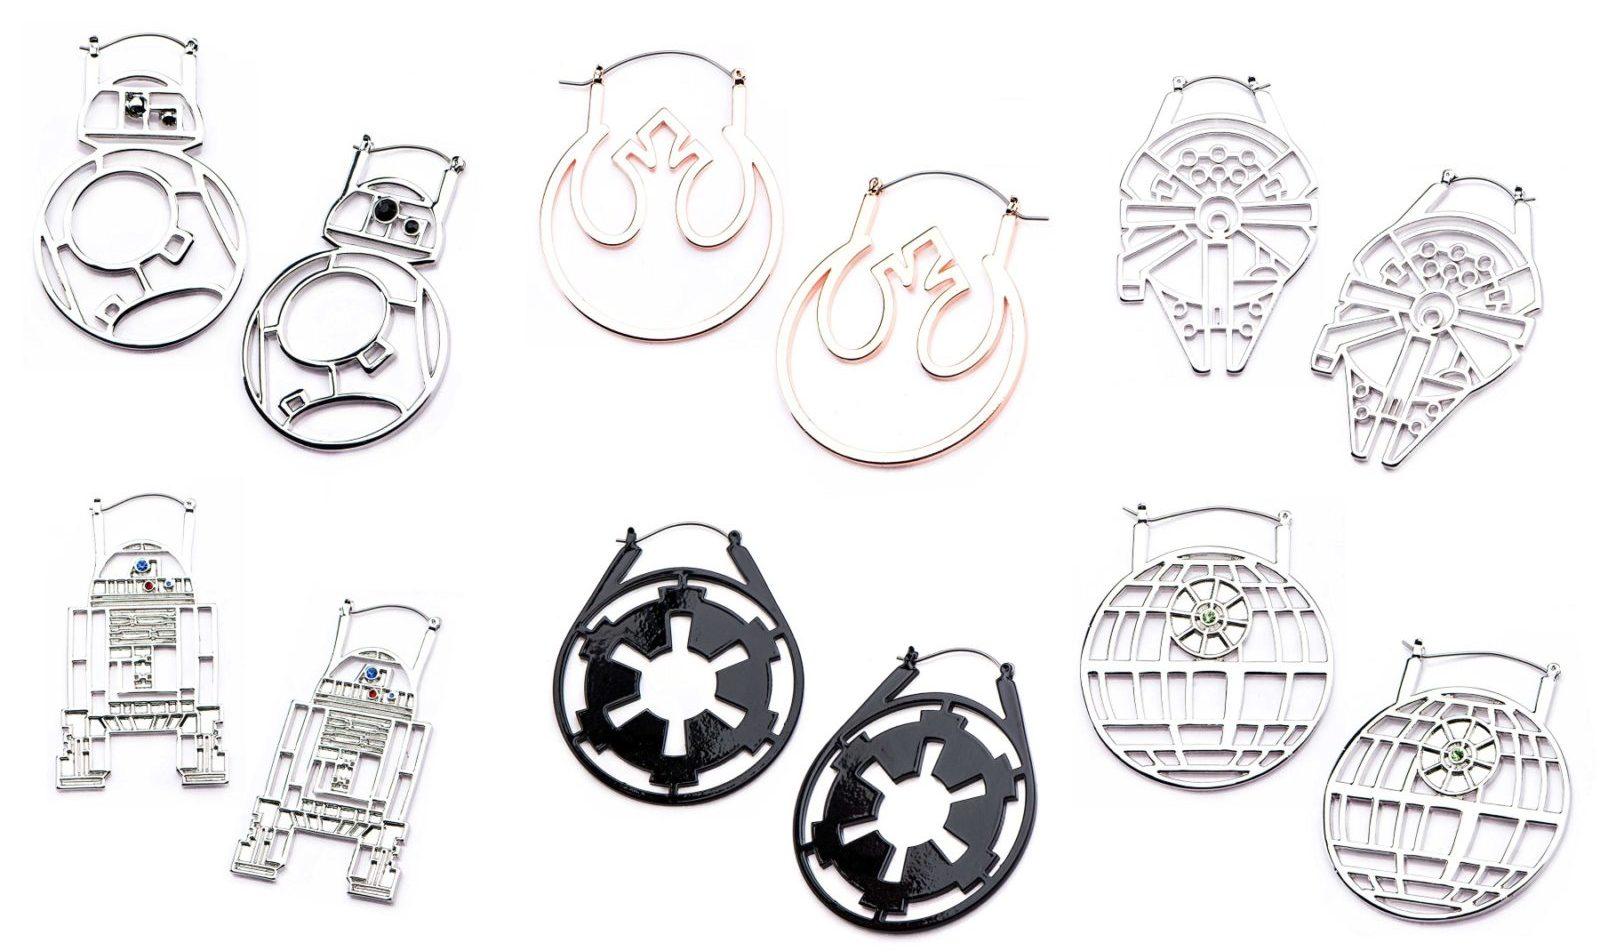 Acessórios Nerds: brincos com design temático de Star Wars